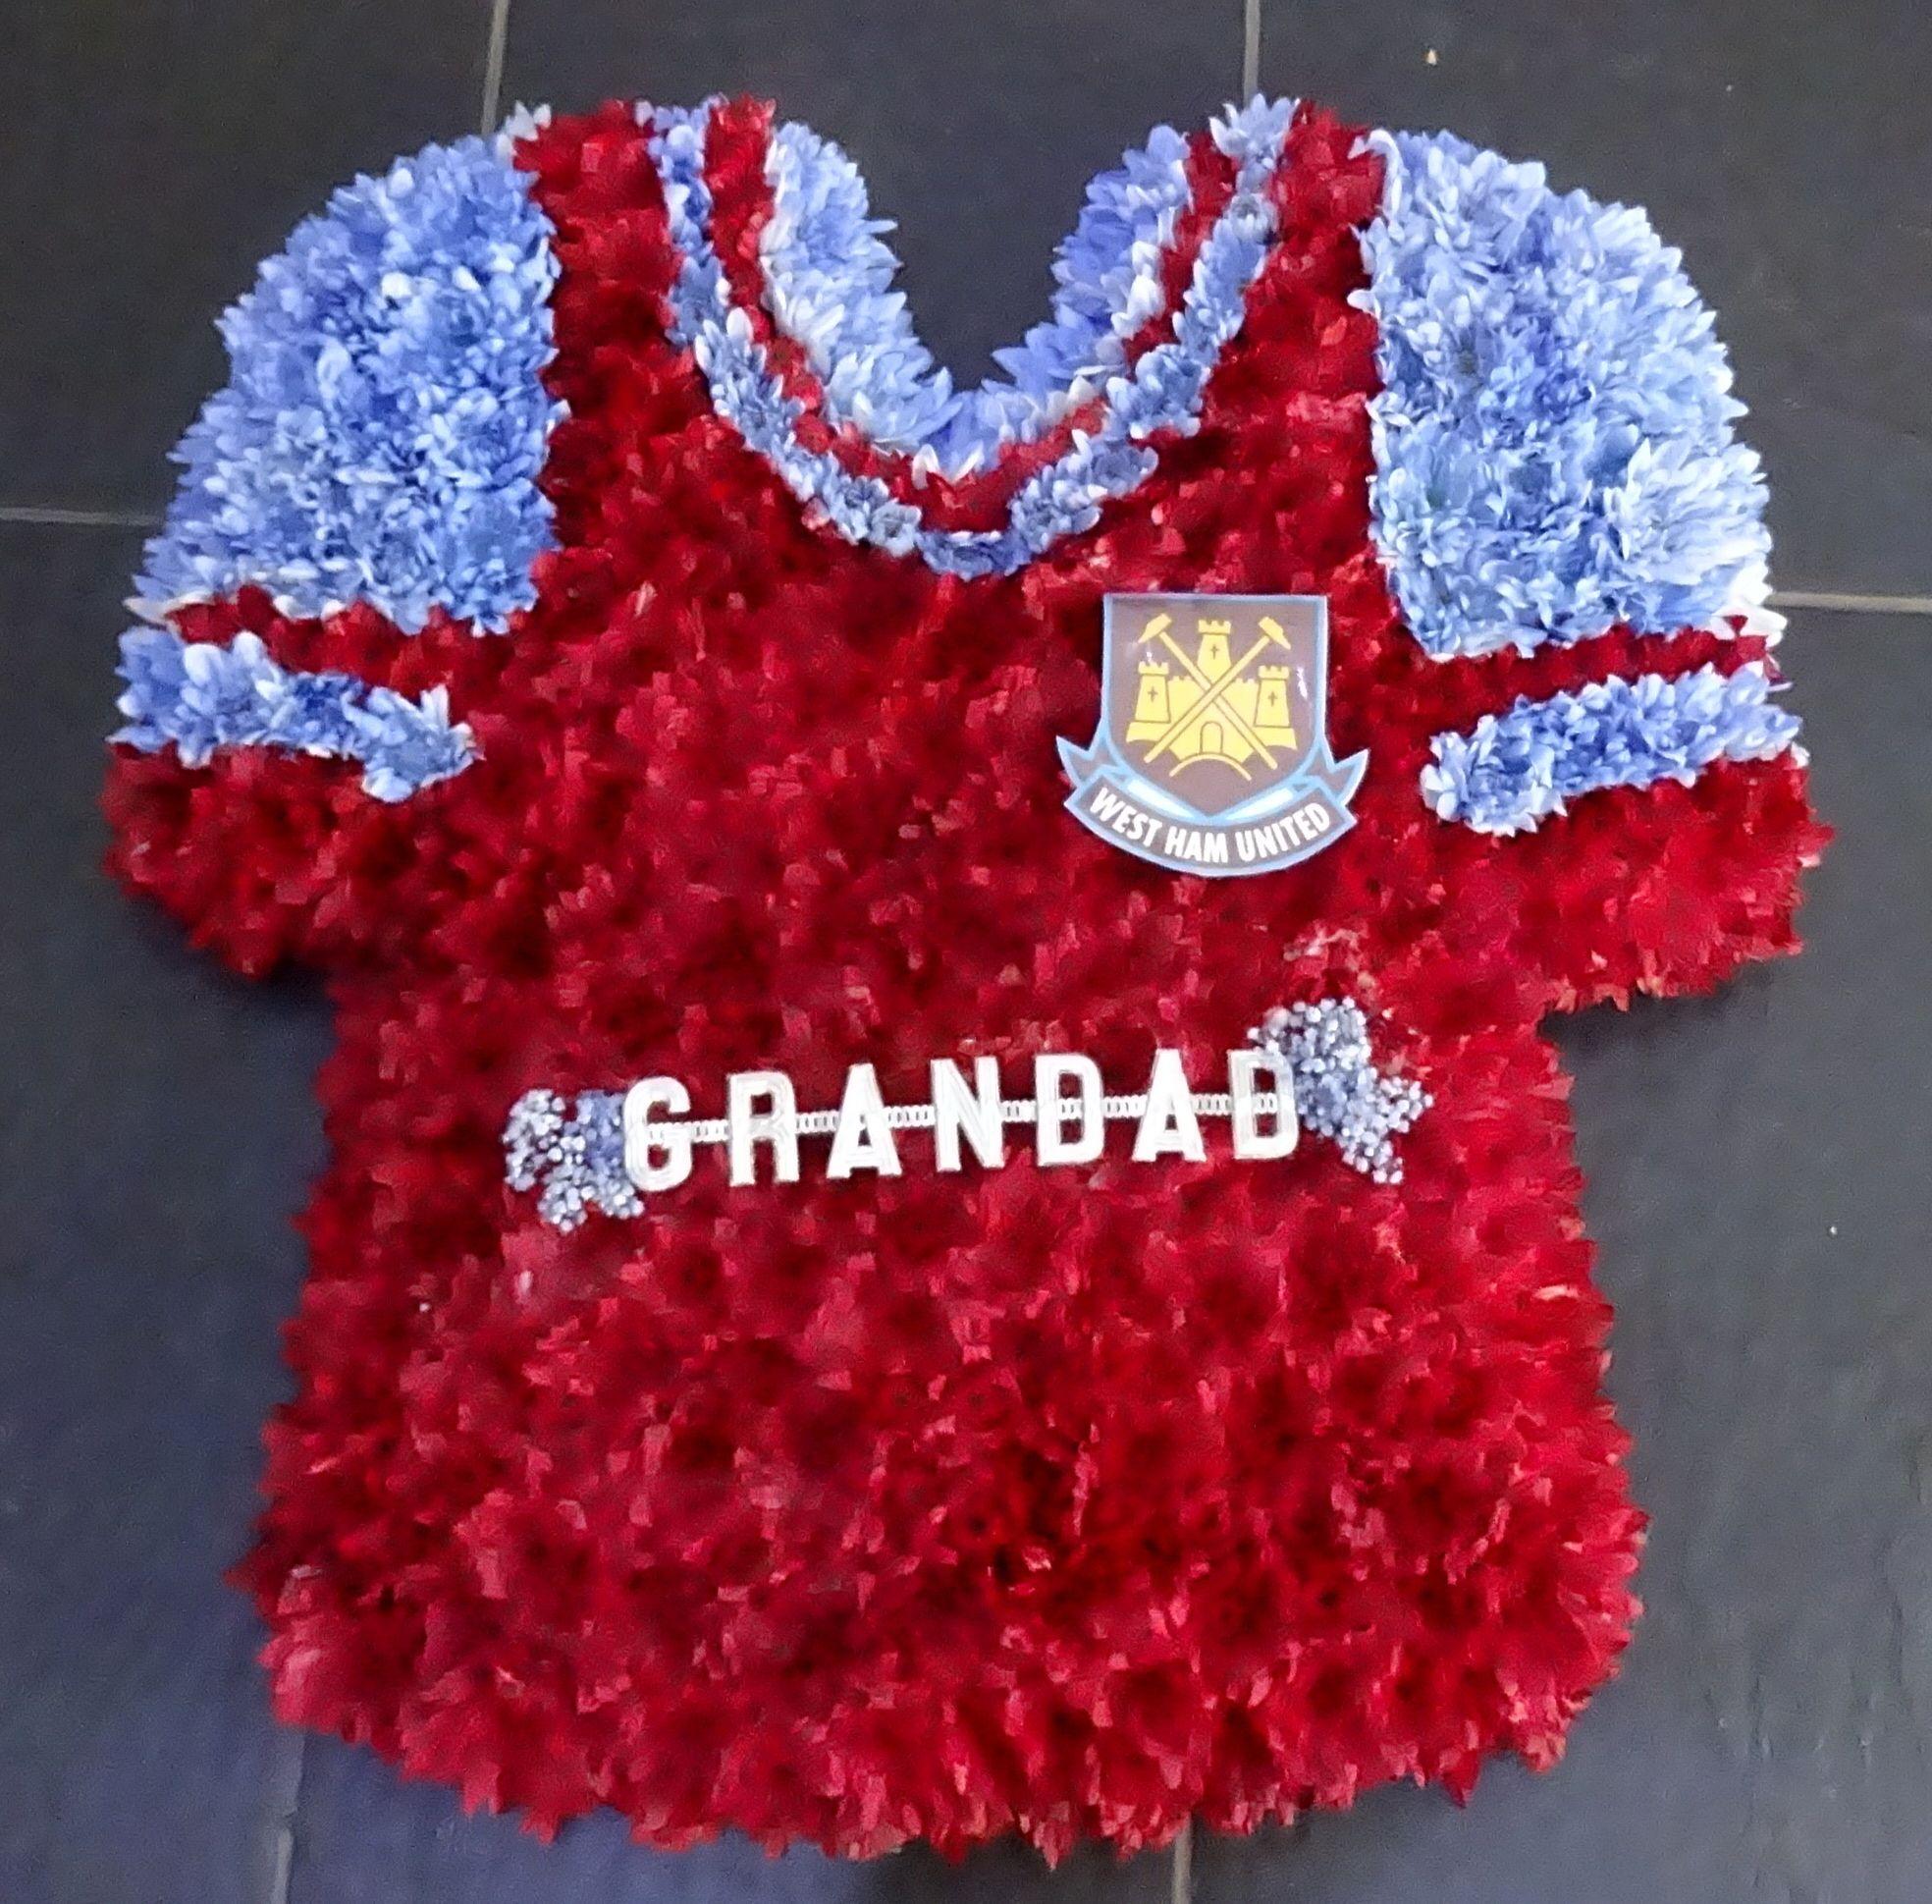 Football shirt west ham funeral flowers pinterest west ham football shirt west ham izmirmasajfo